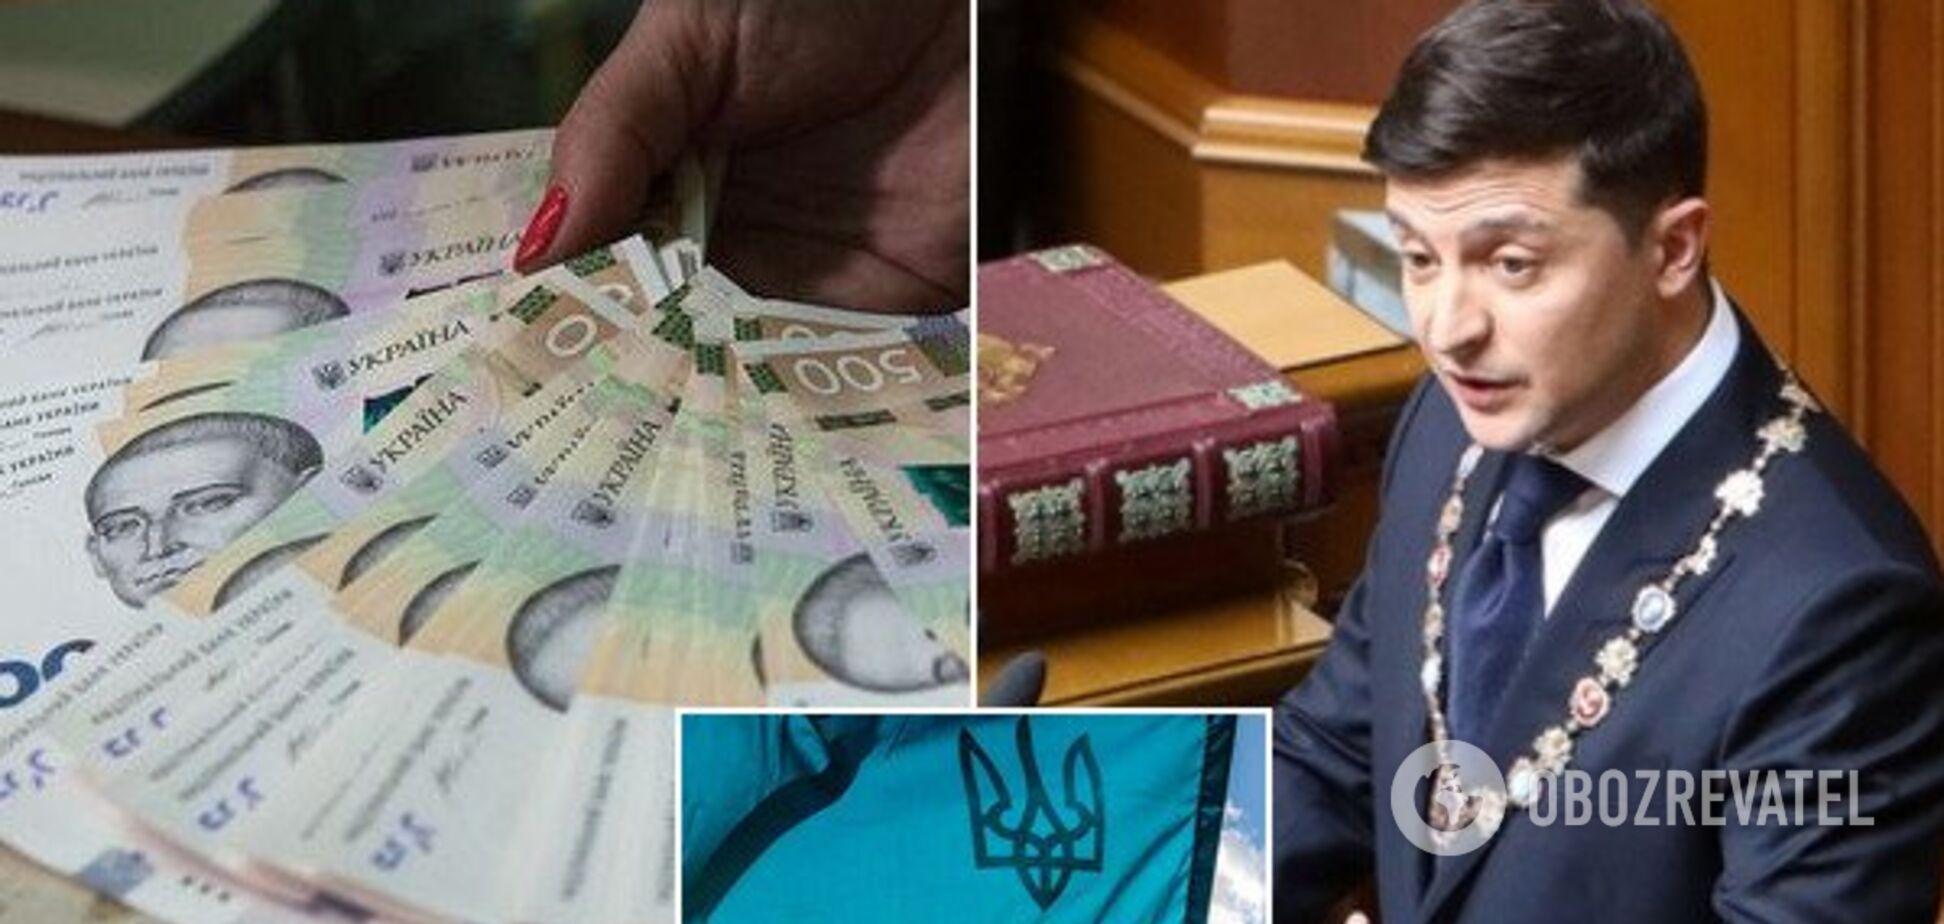 Украинцам раздадут деньги за жалобы на коррупцию: что решила 'Слуга народа'